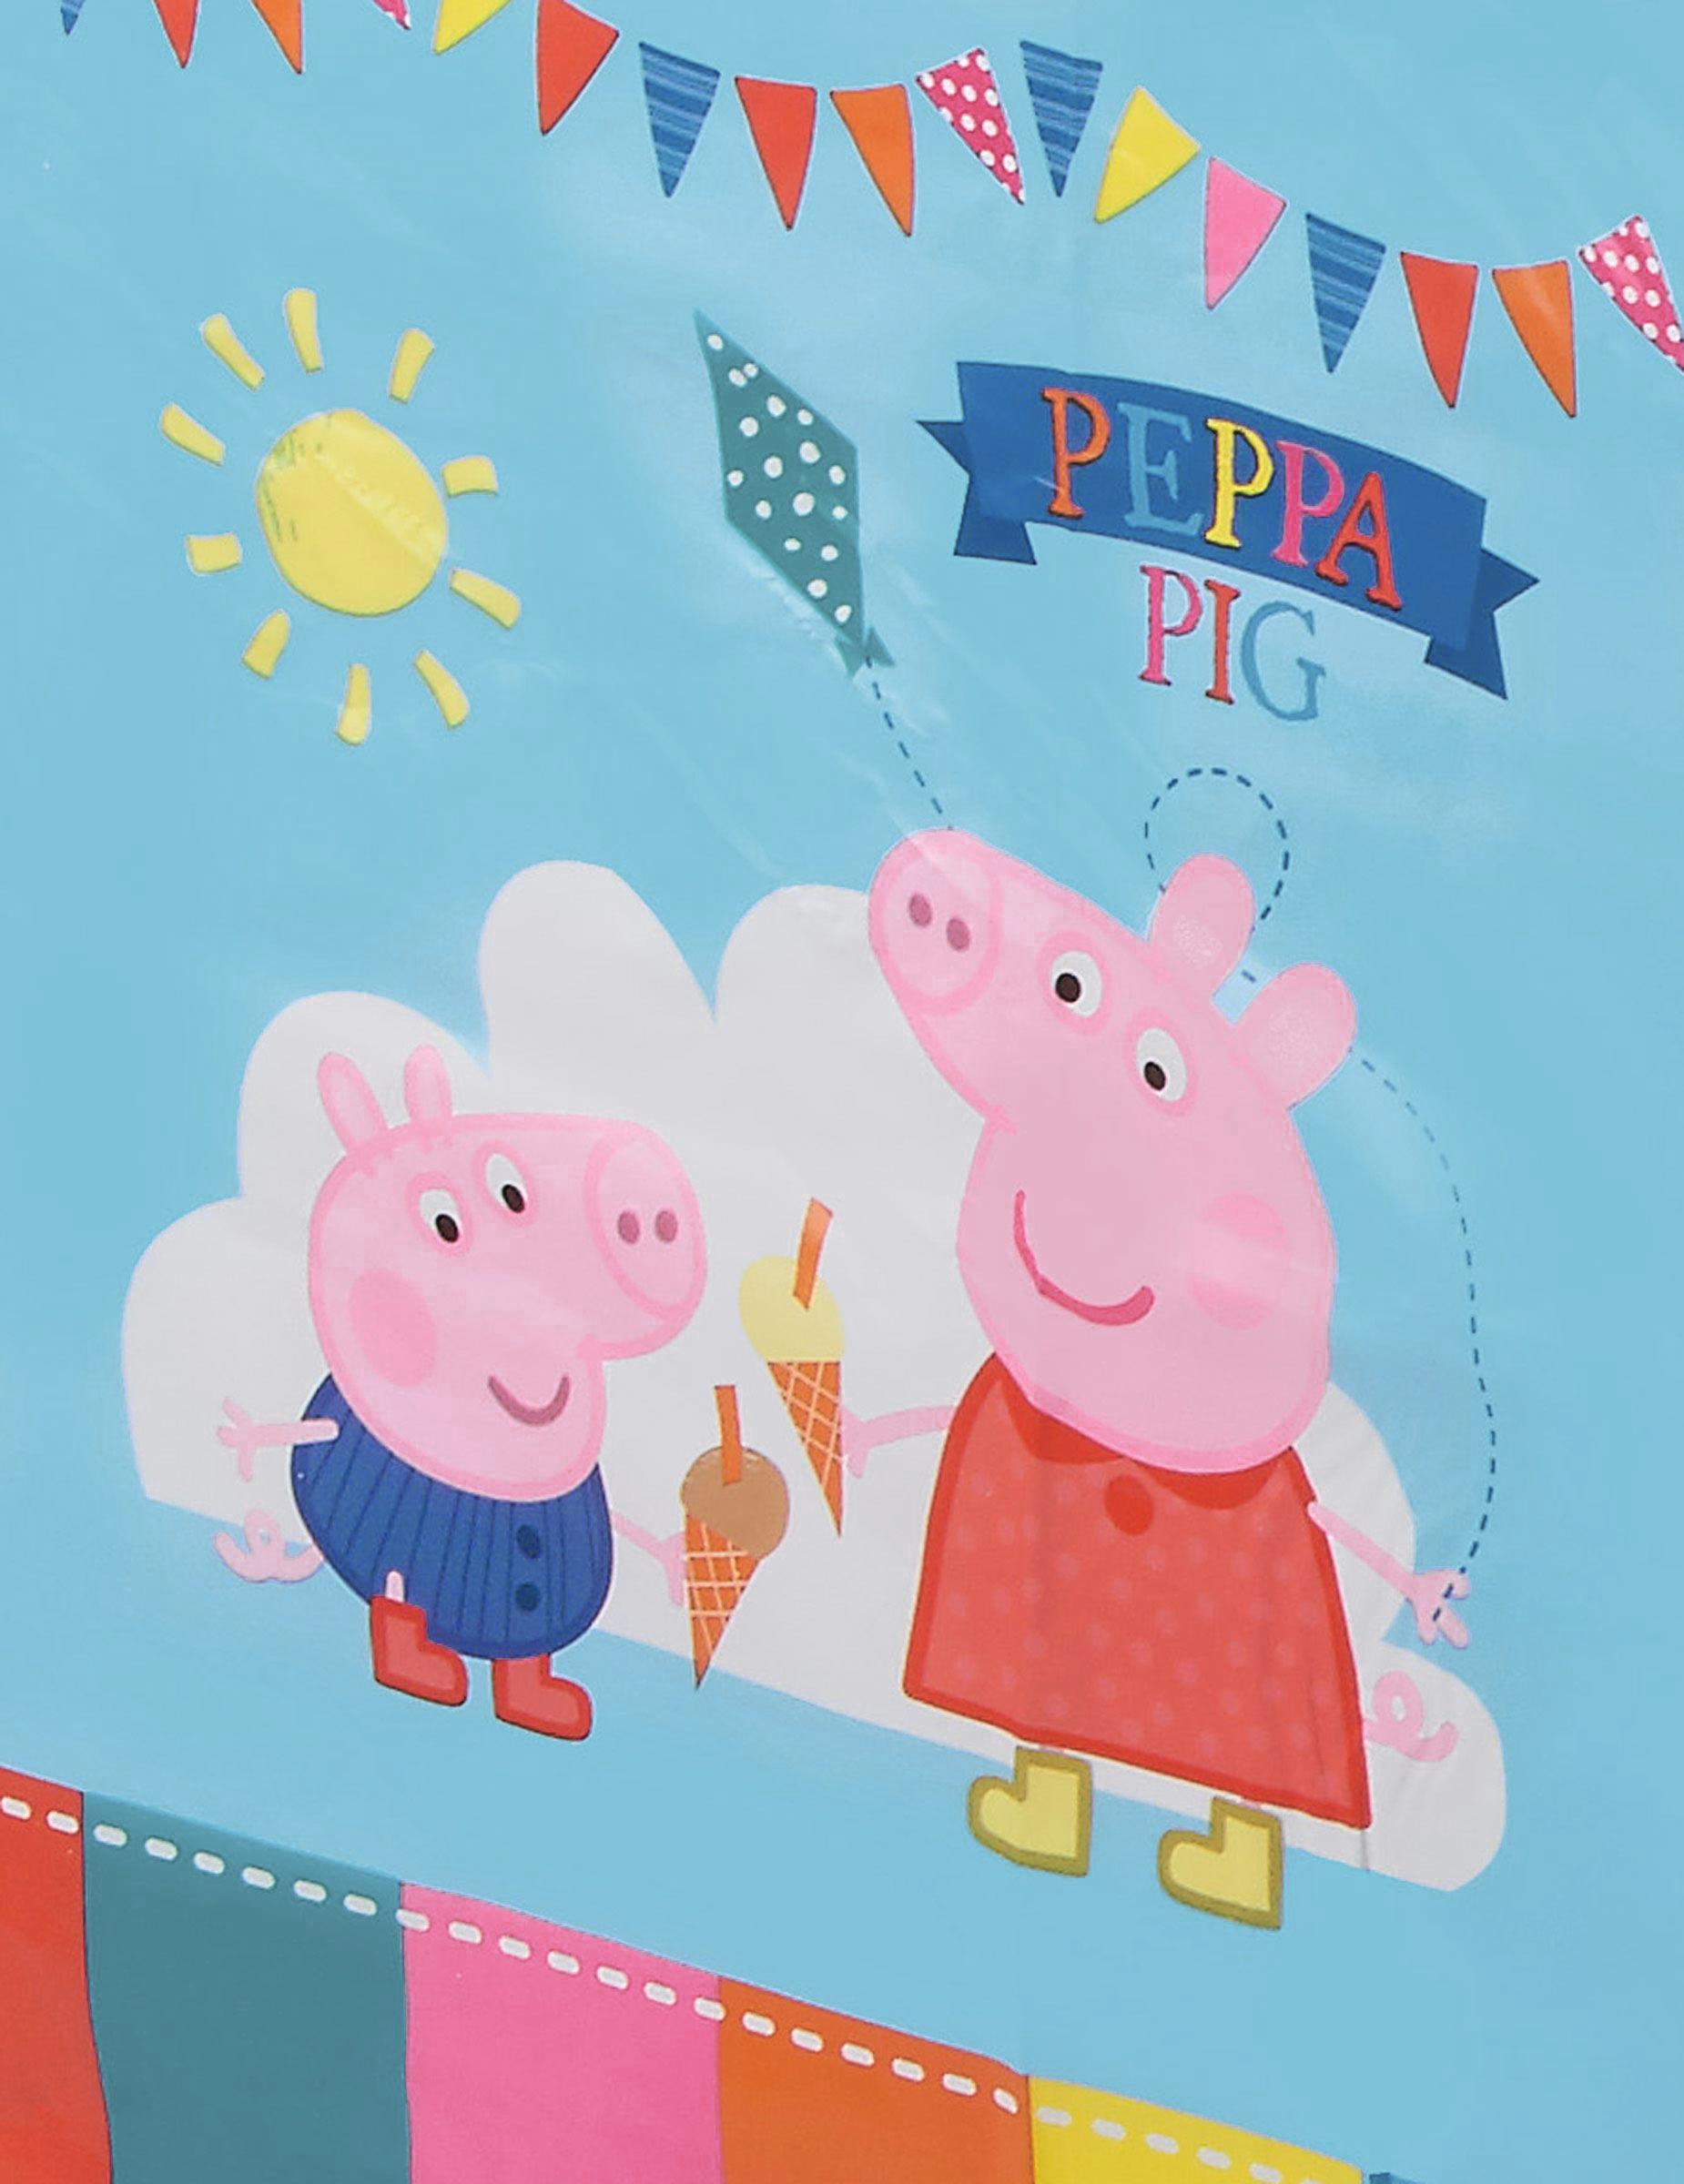 Peppa Pig Wutz Kunststoff Tischdecke 120x180cm Tablecover Geburtstag Party